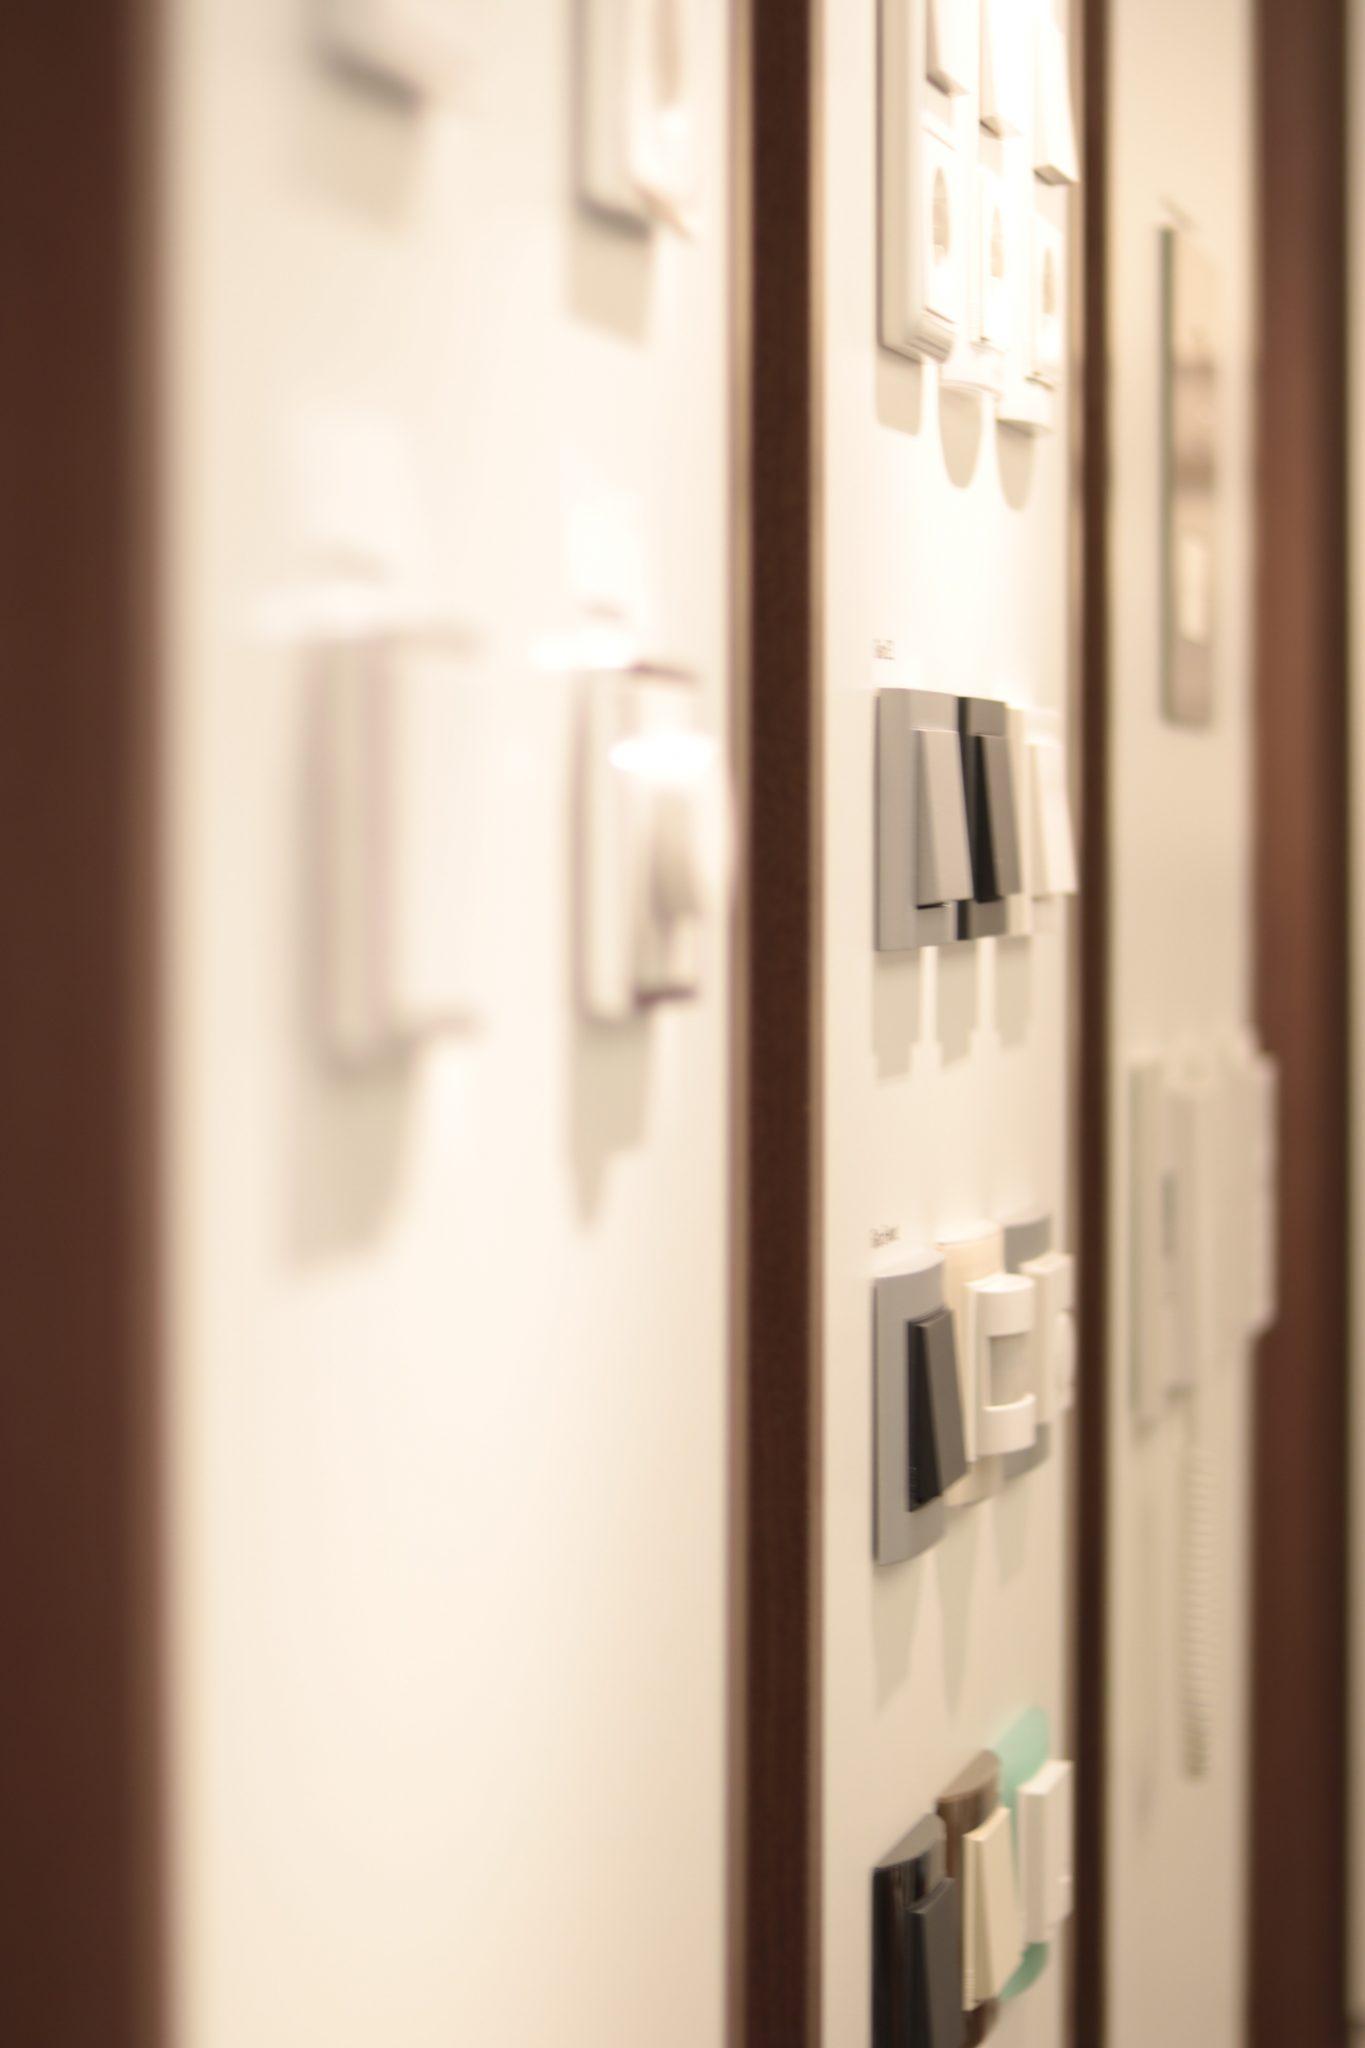 elektroplanung-neubau-hausbau-blog-bautagebuch-elektrik-planen-steckdosen-lichtschalter